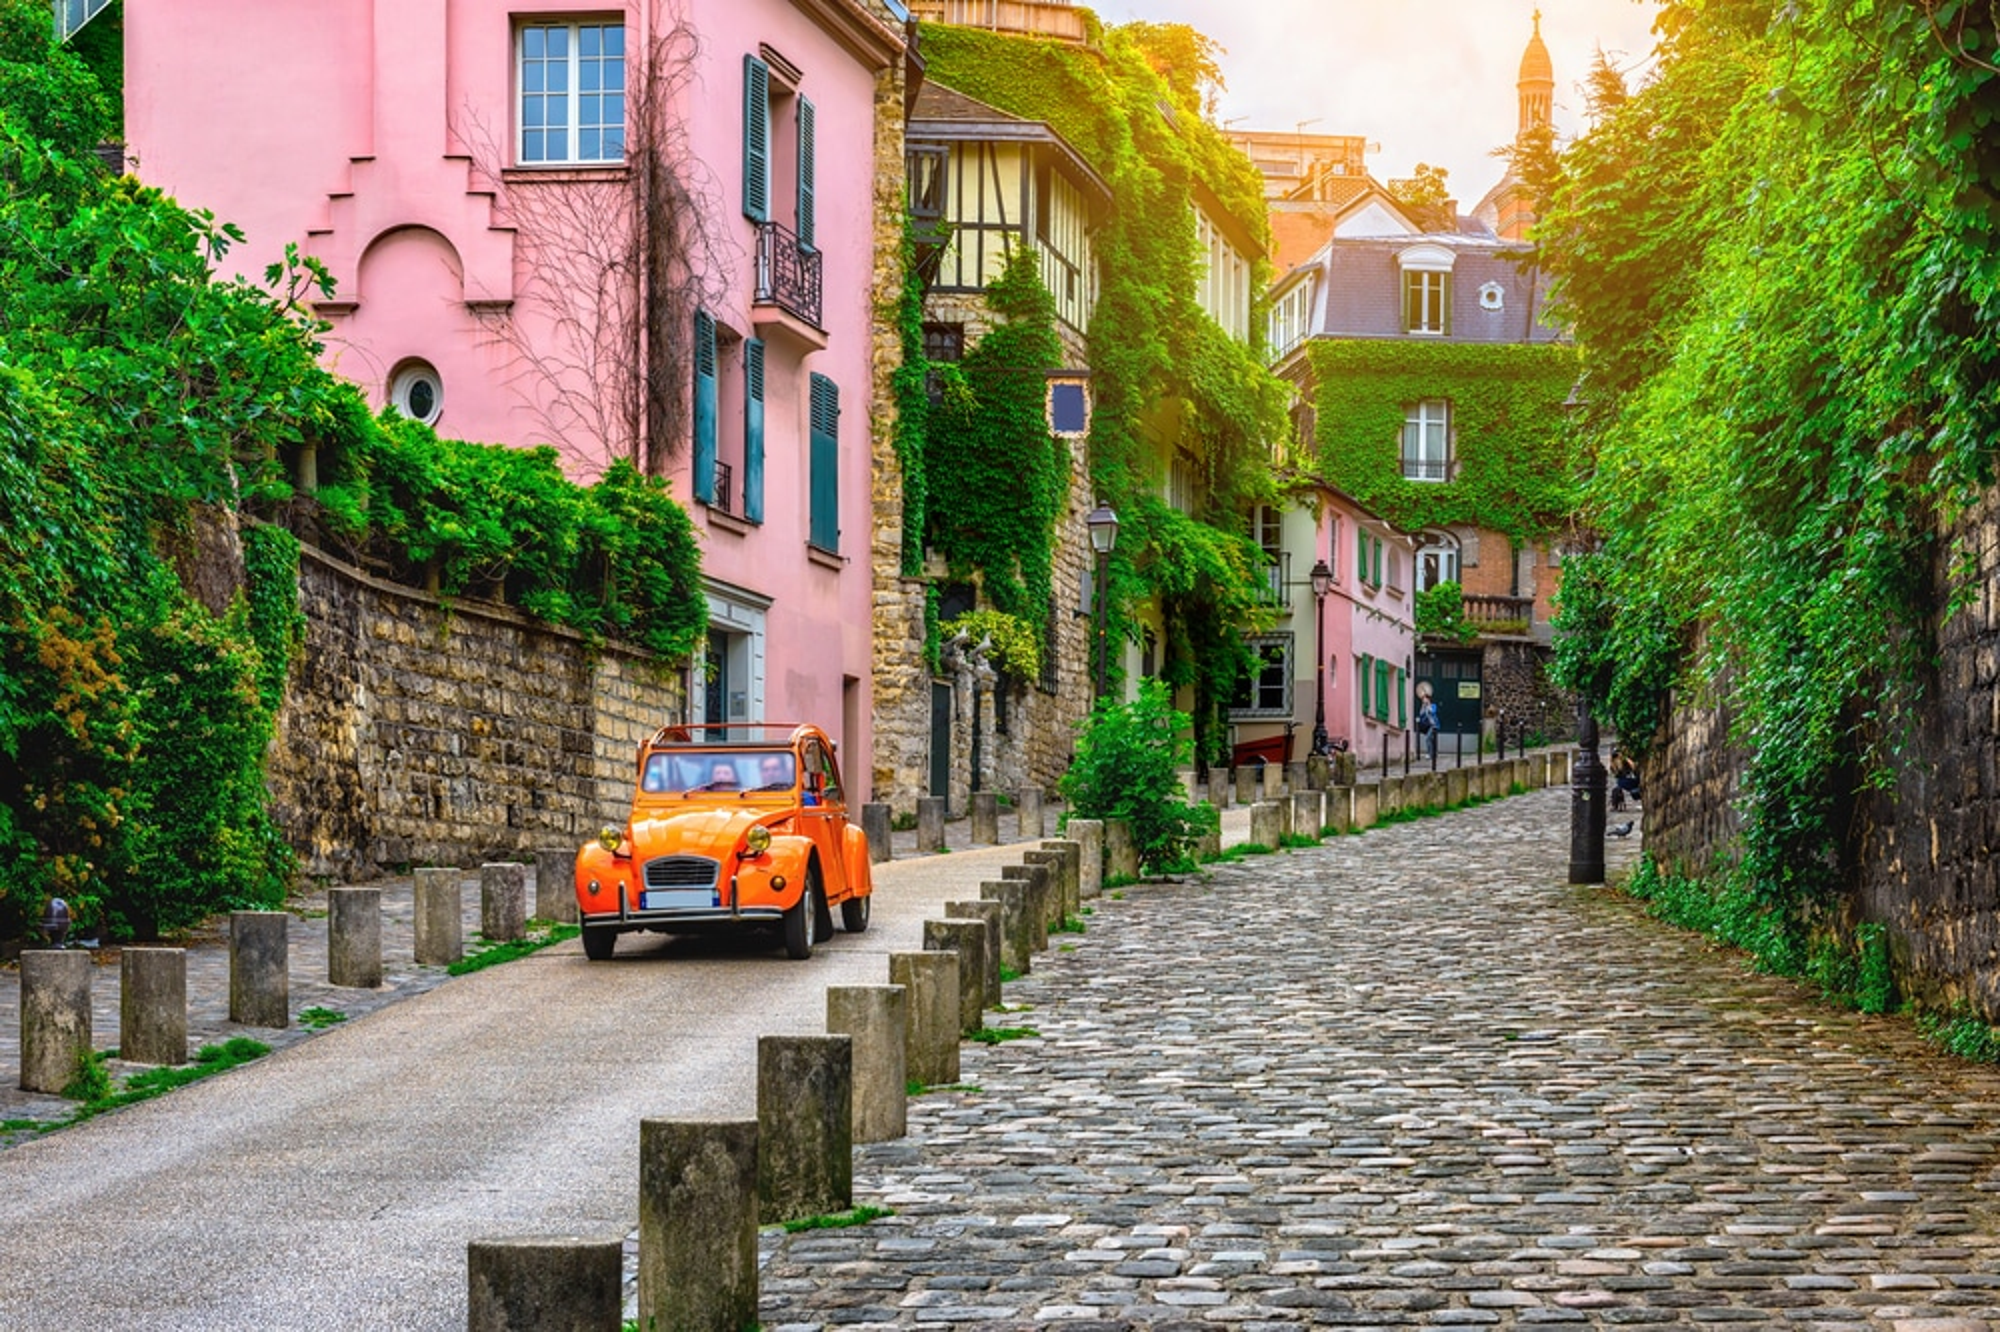 Rues de Montmartre